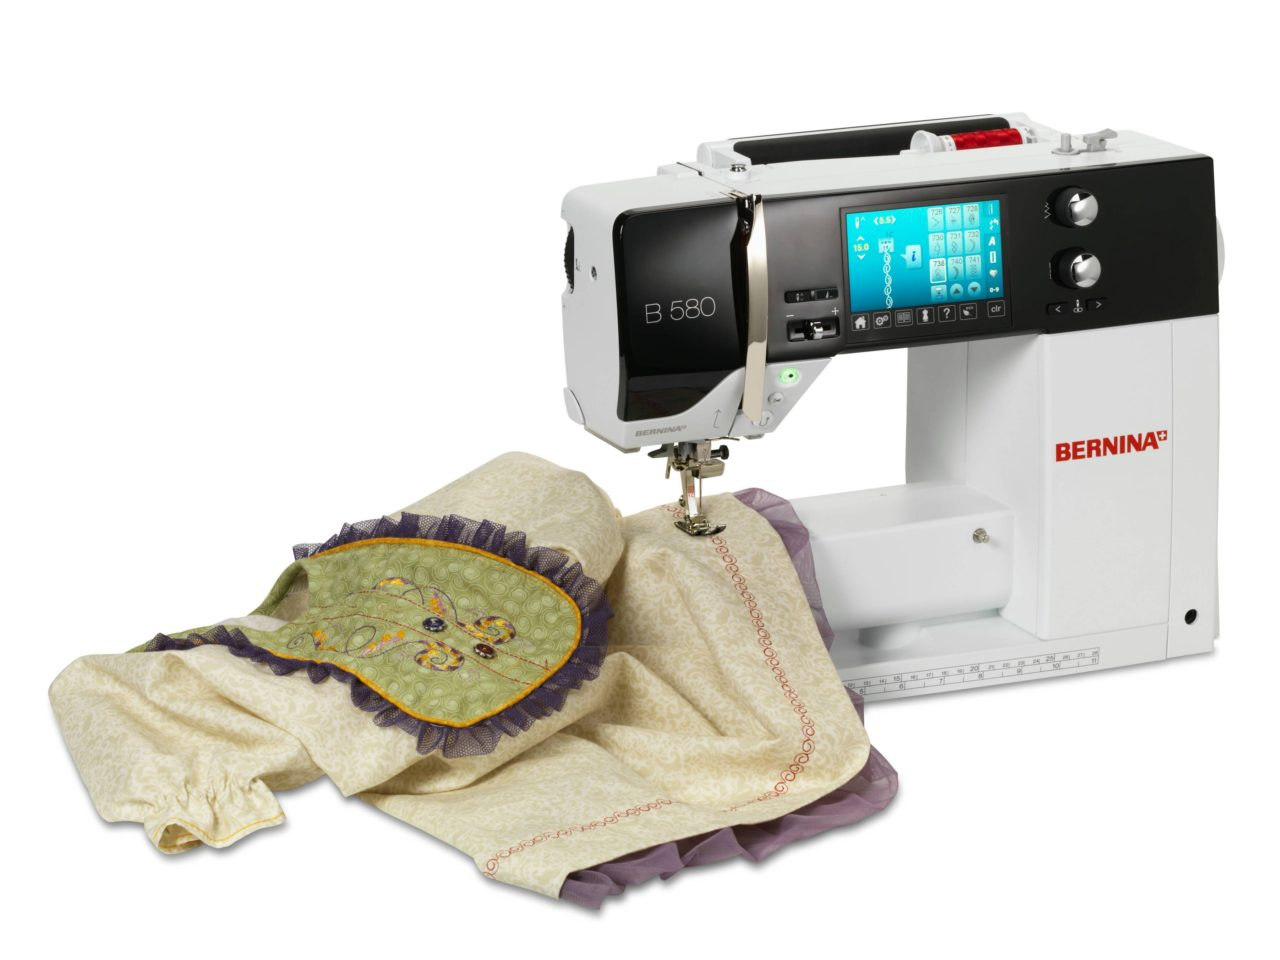 швейная машинка отзывы самая лучшая и недорогая